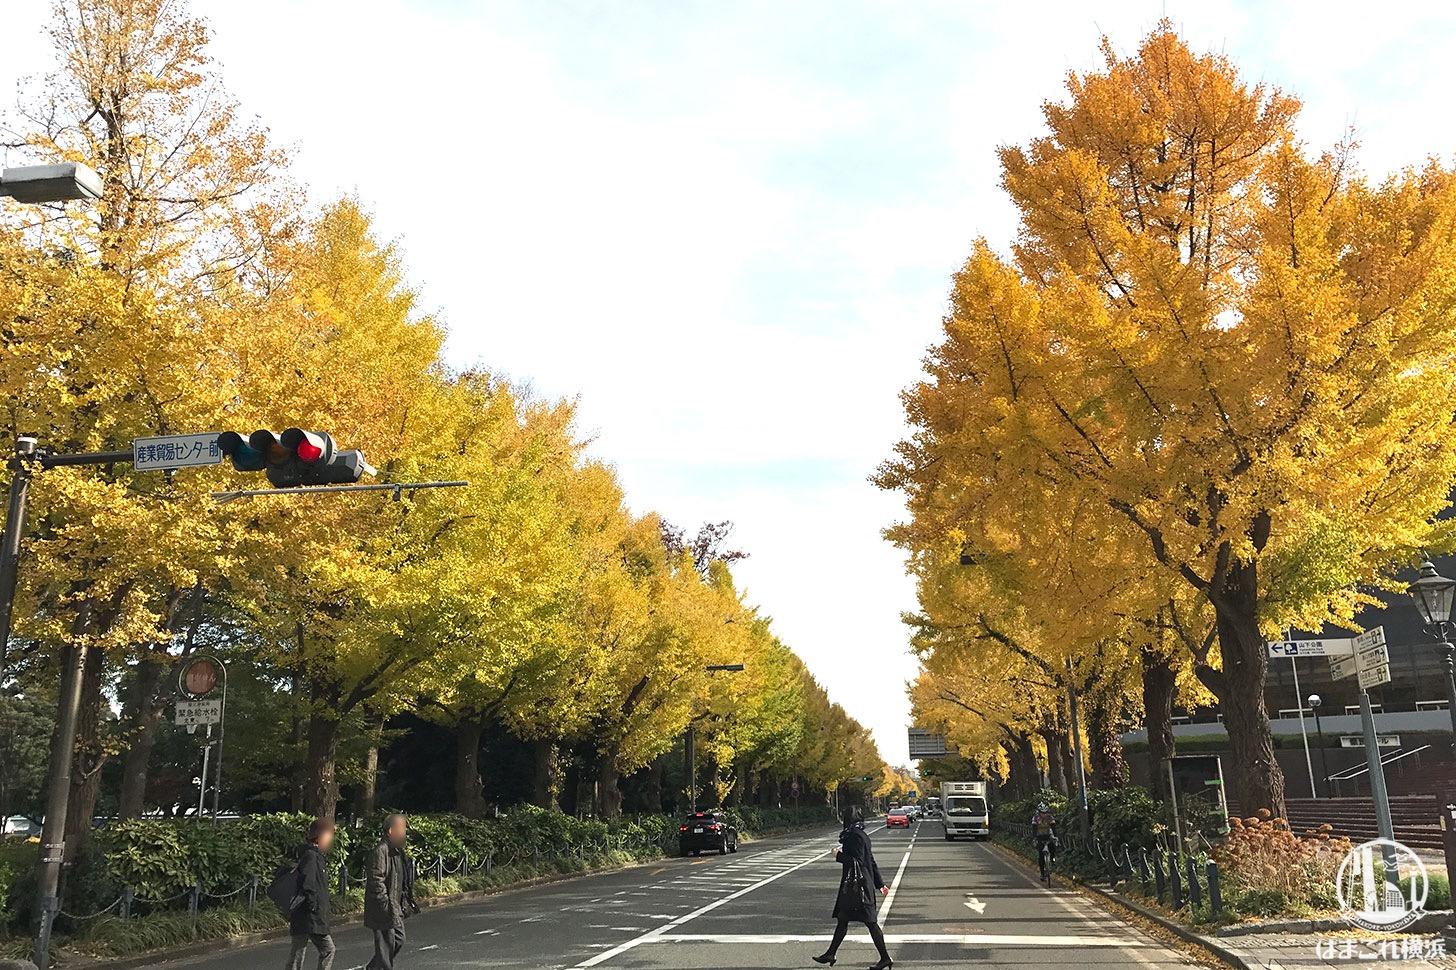 山下公園前の通り 紅葉